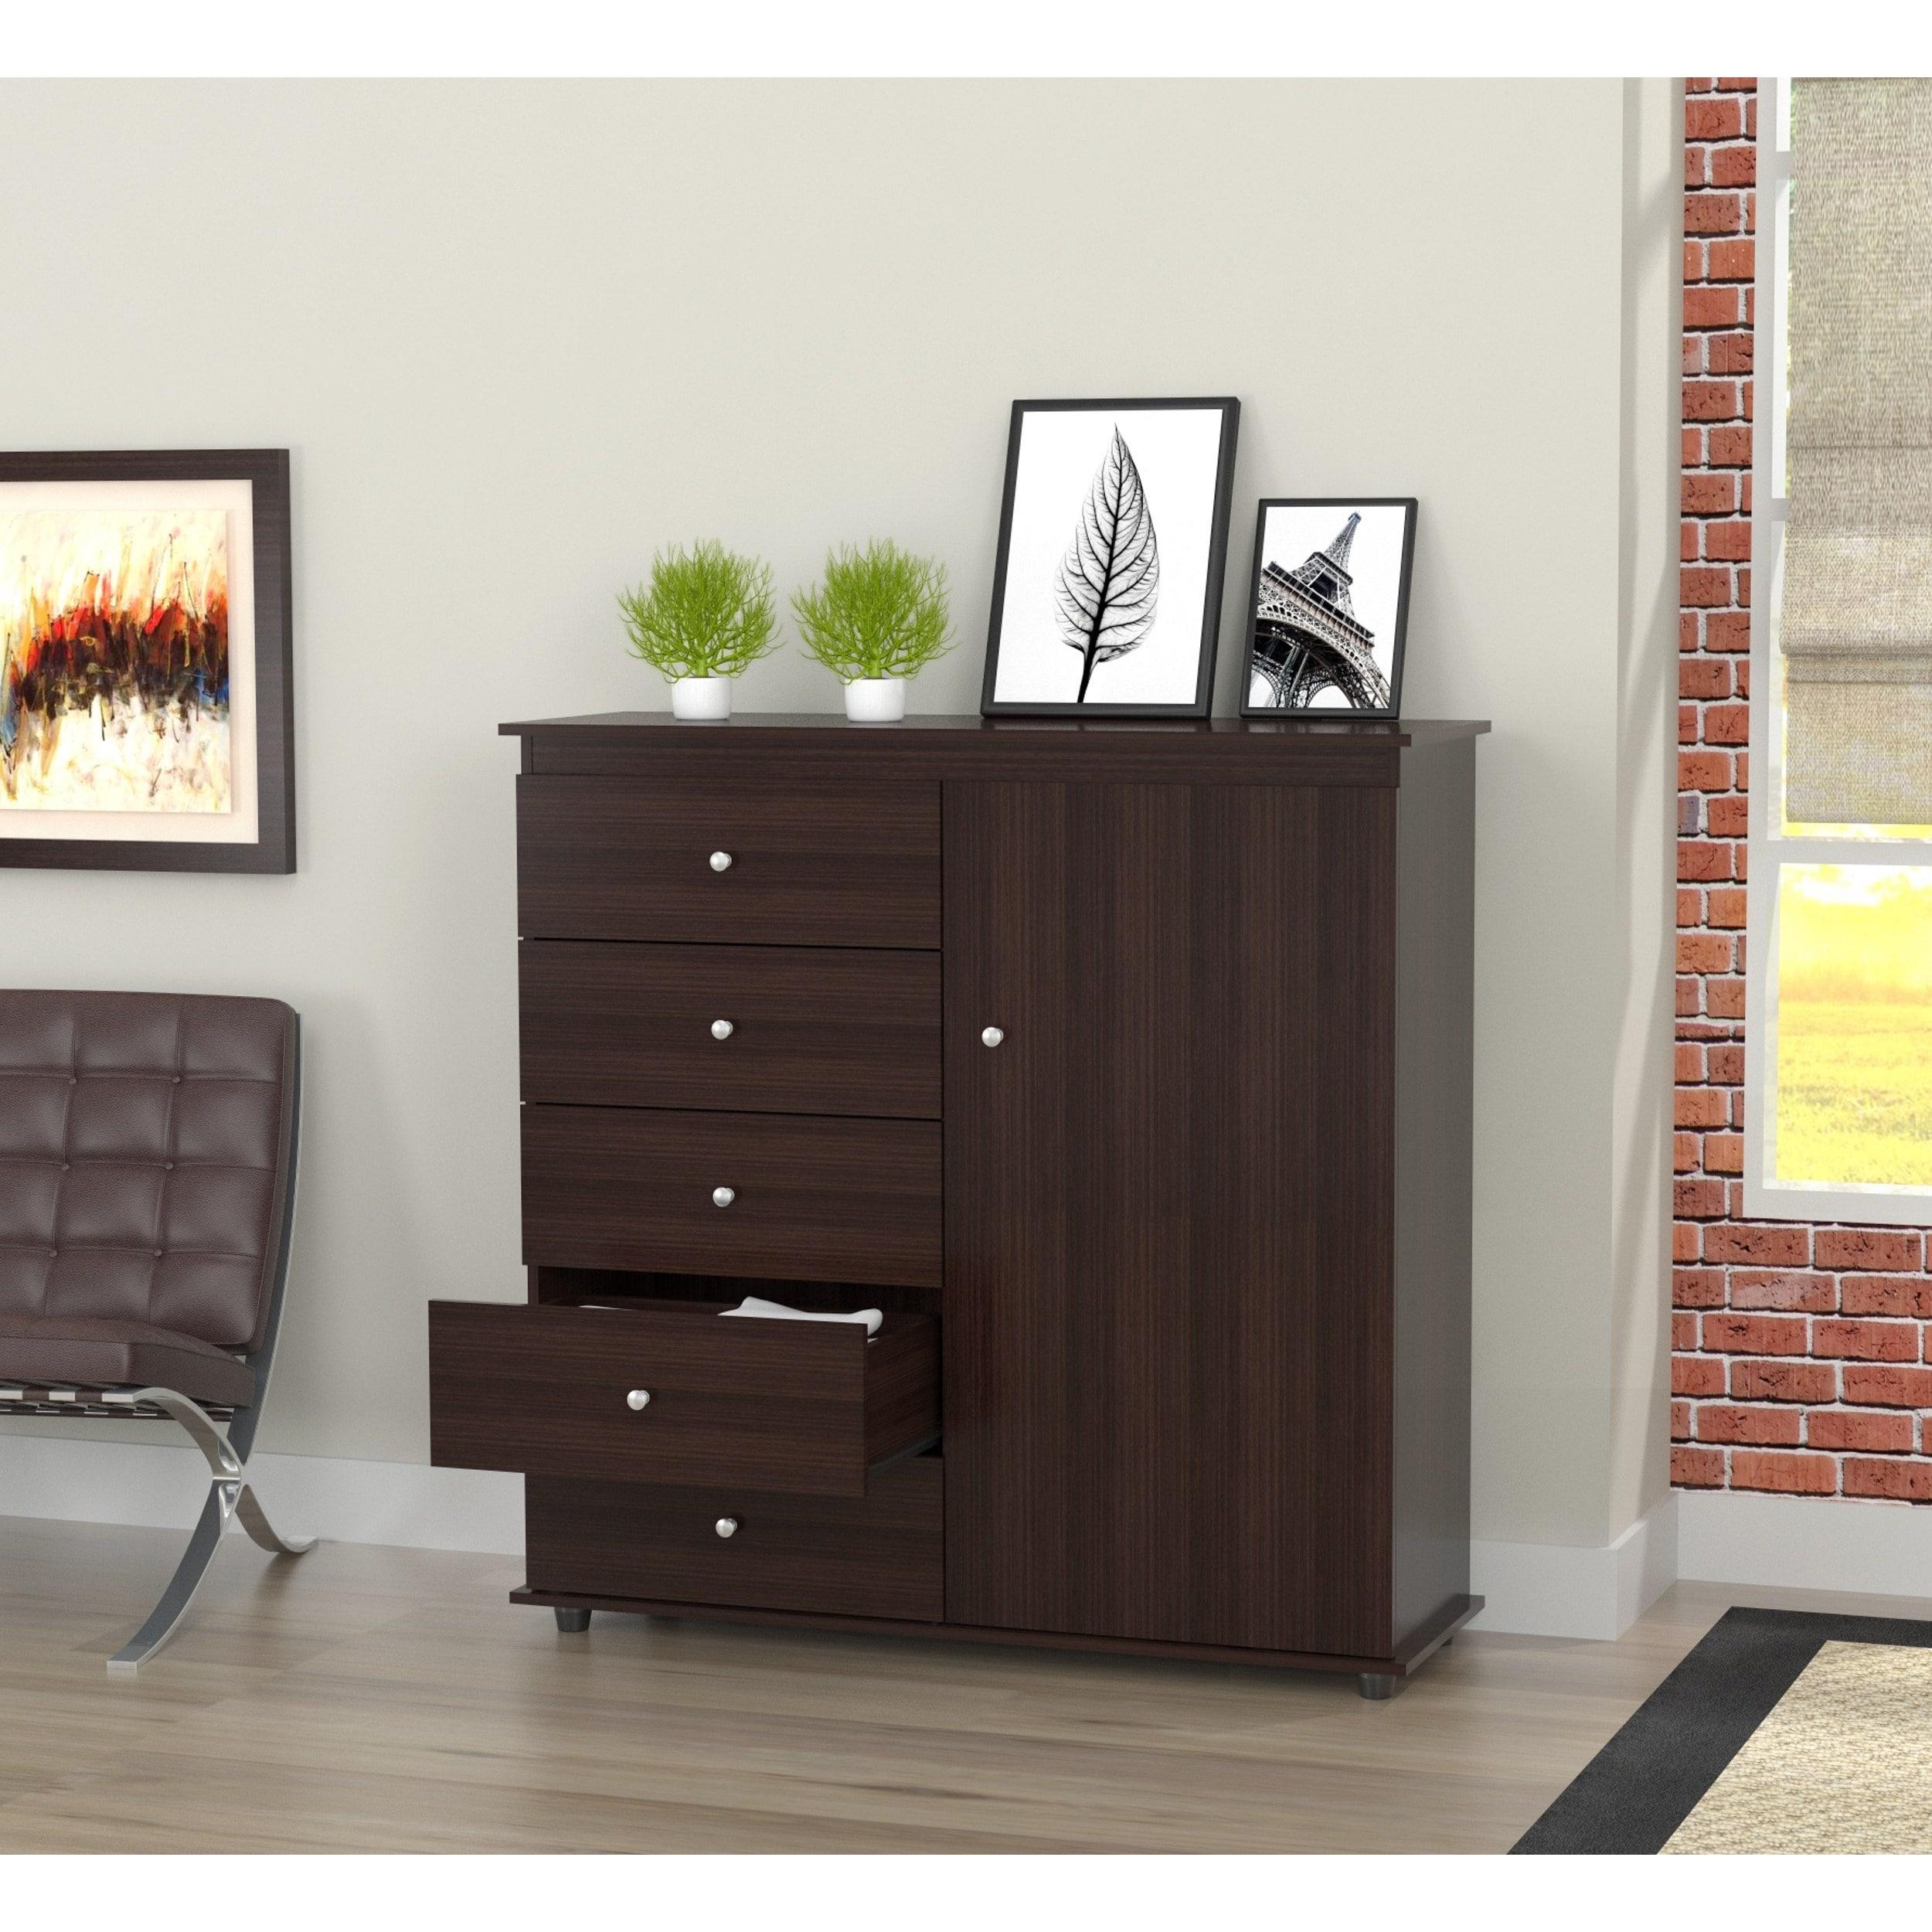 Inval Espresso-Wenge Armoire/ Dresser Combo